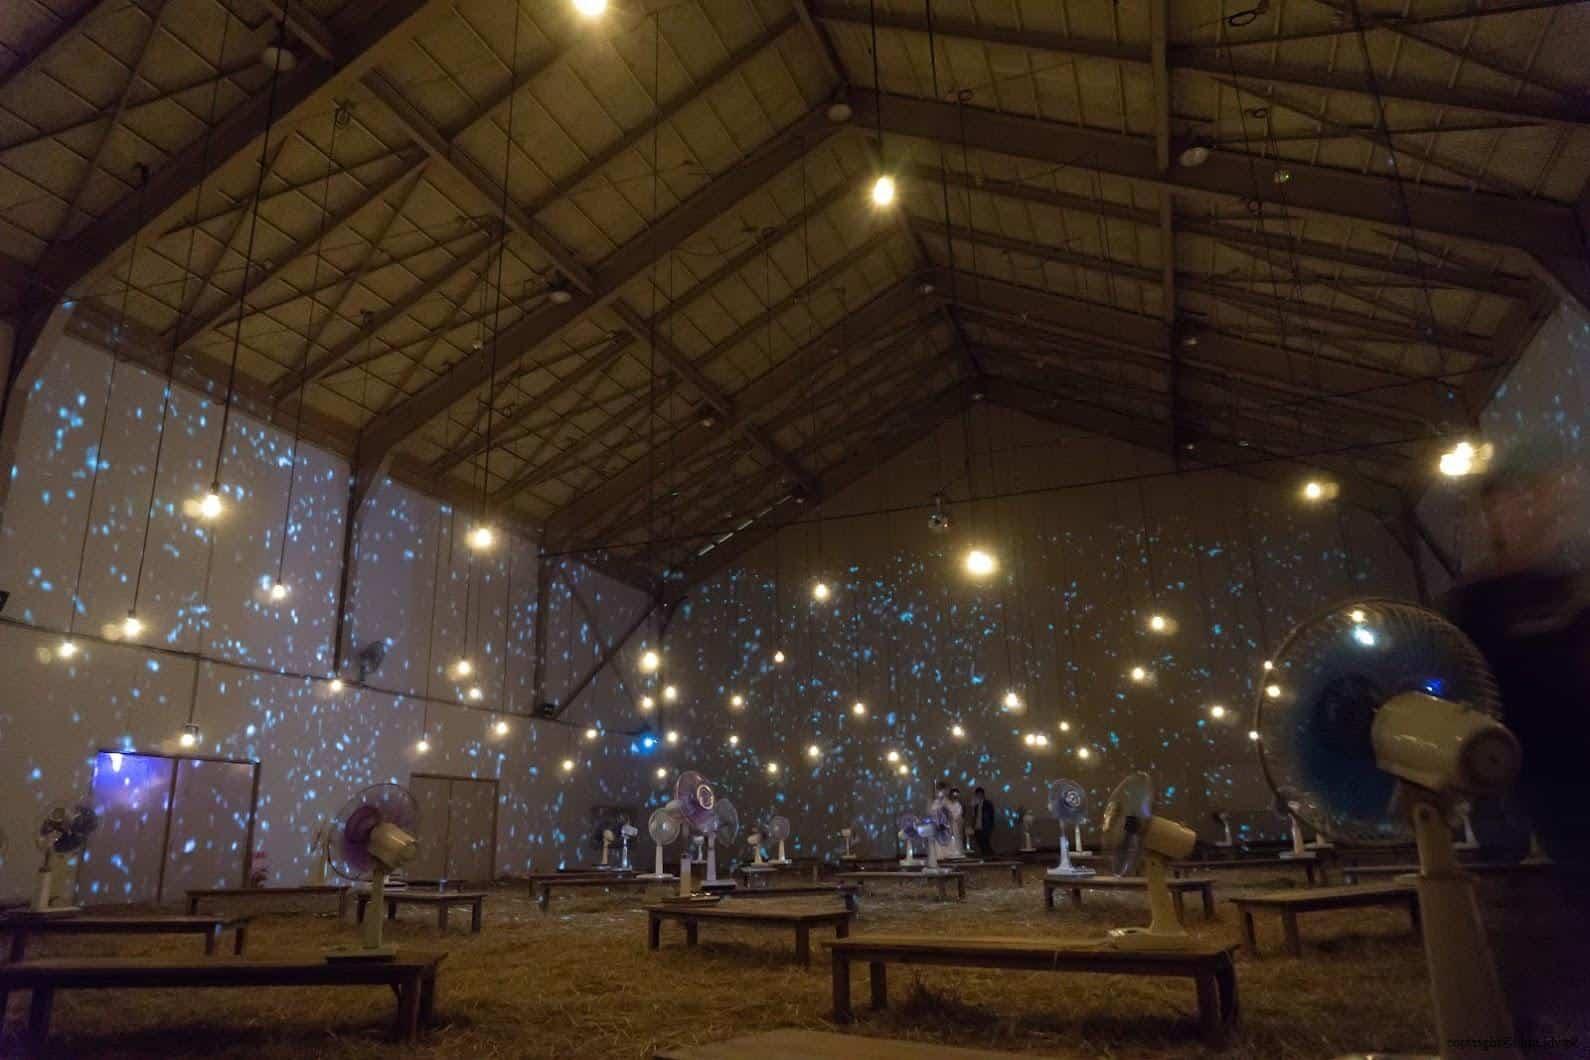 克利斯蒂安‧波爾坦斯基+將‧卡爾曼,最後的教室,幾乎全黑的體育館,稻草、微燈泡、風扇與投影星光 最後的教室 最後的教室 the last class 02